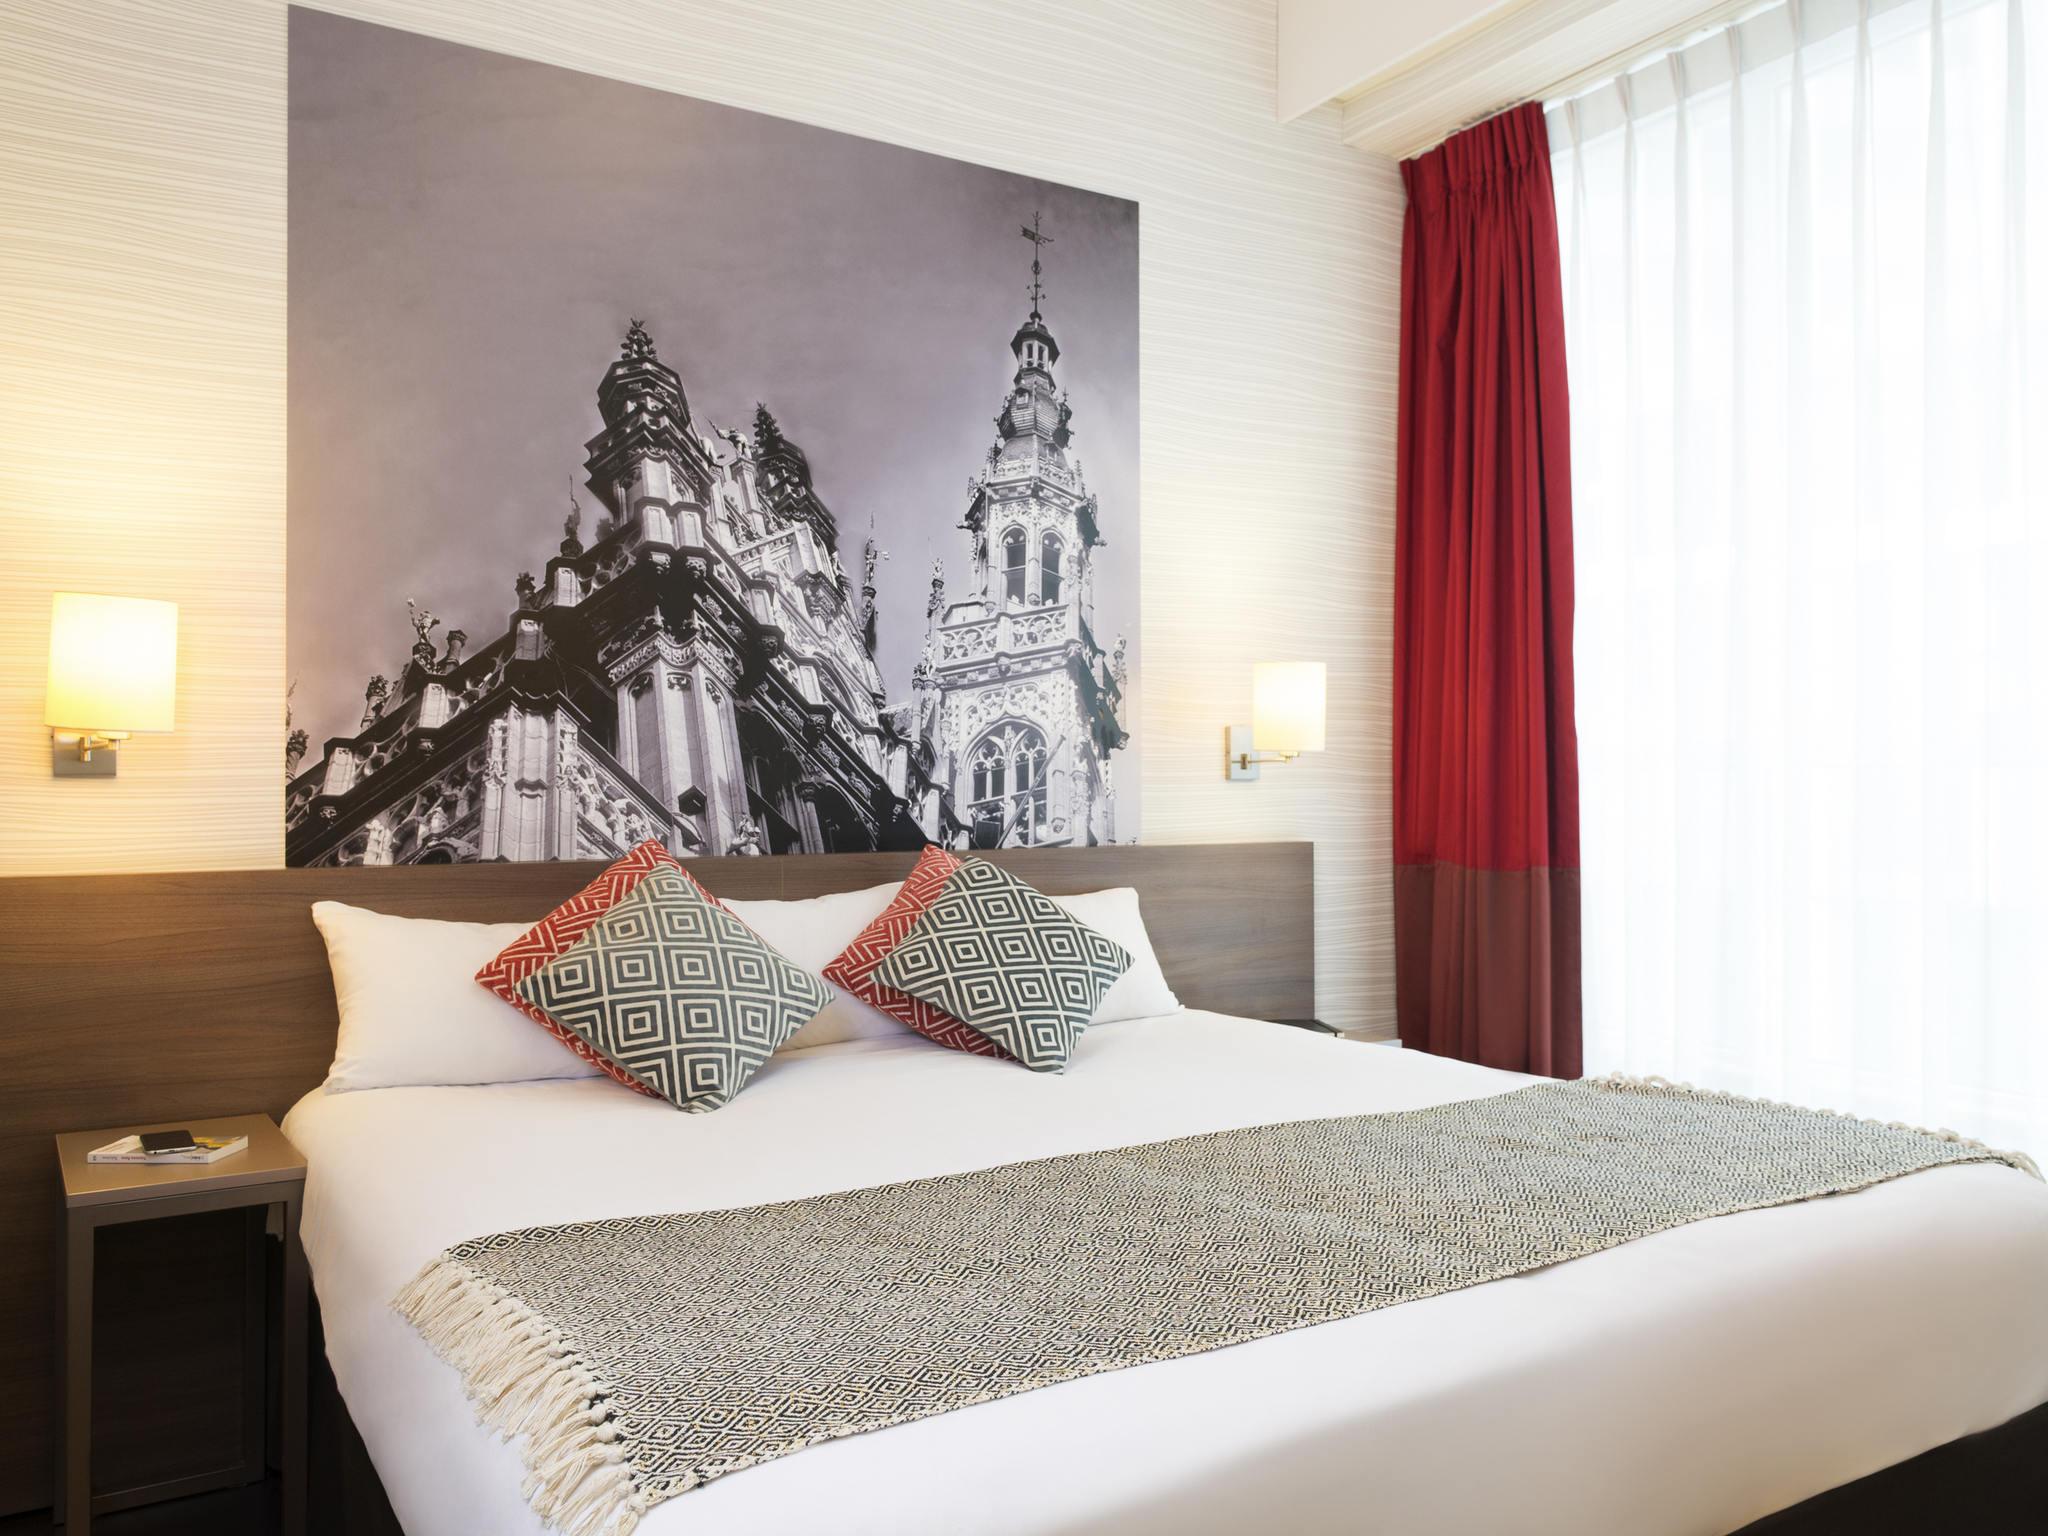 فندق - الشقق الفندقية أداجيو Adagio براسيلز غراند بلايس